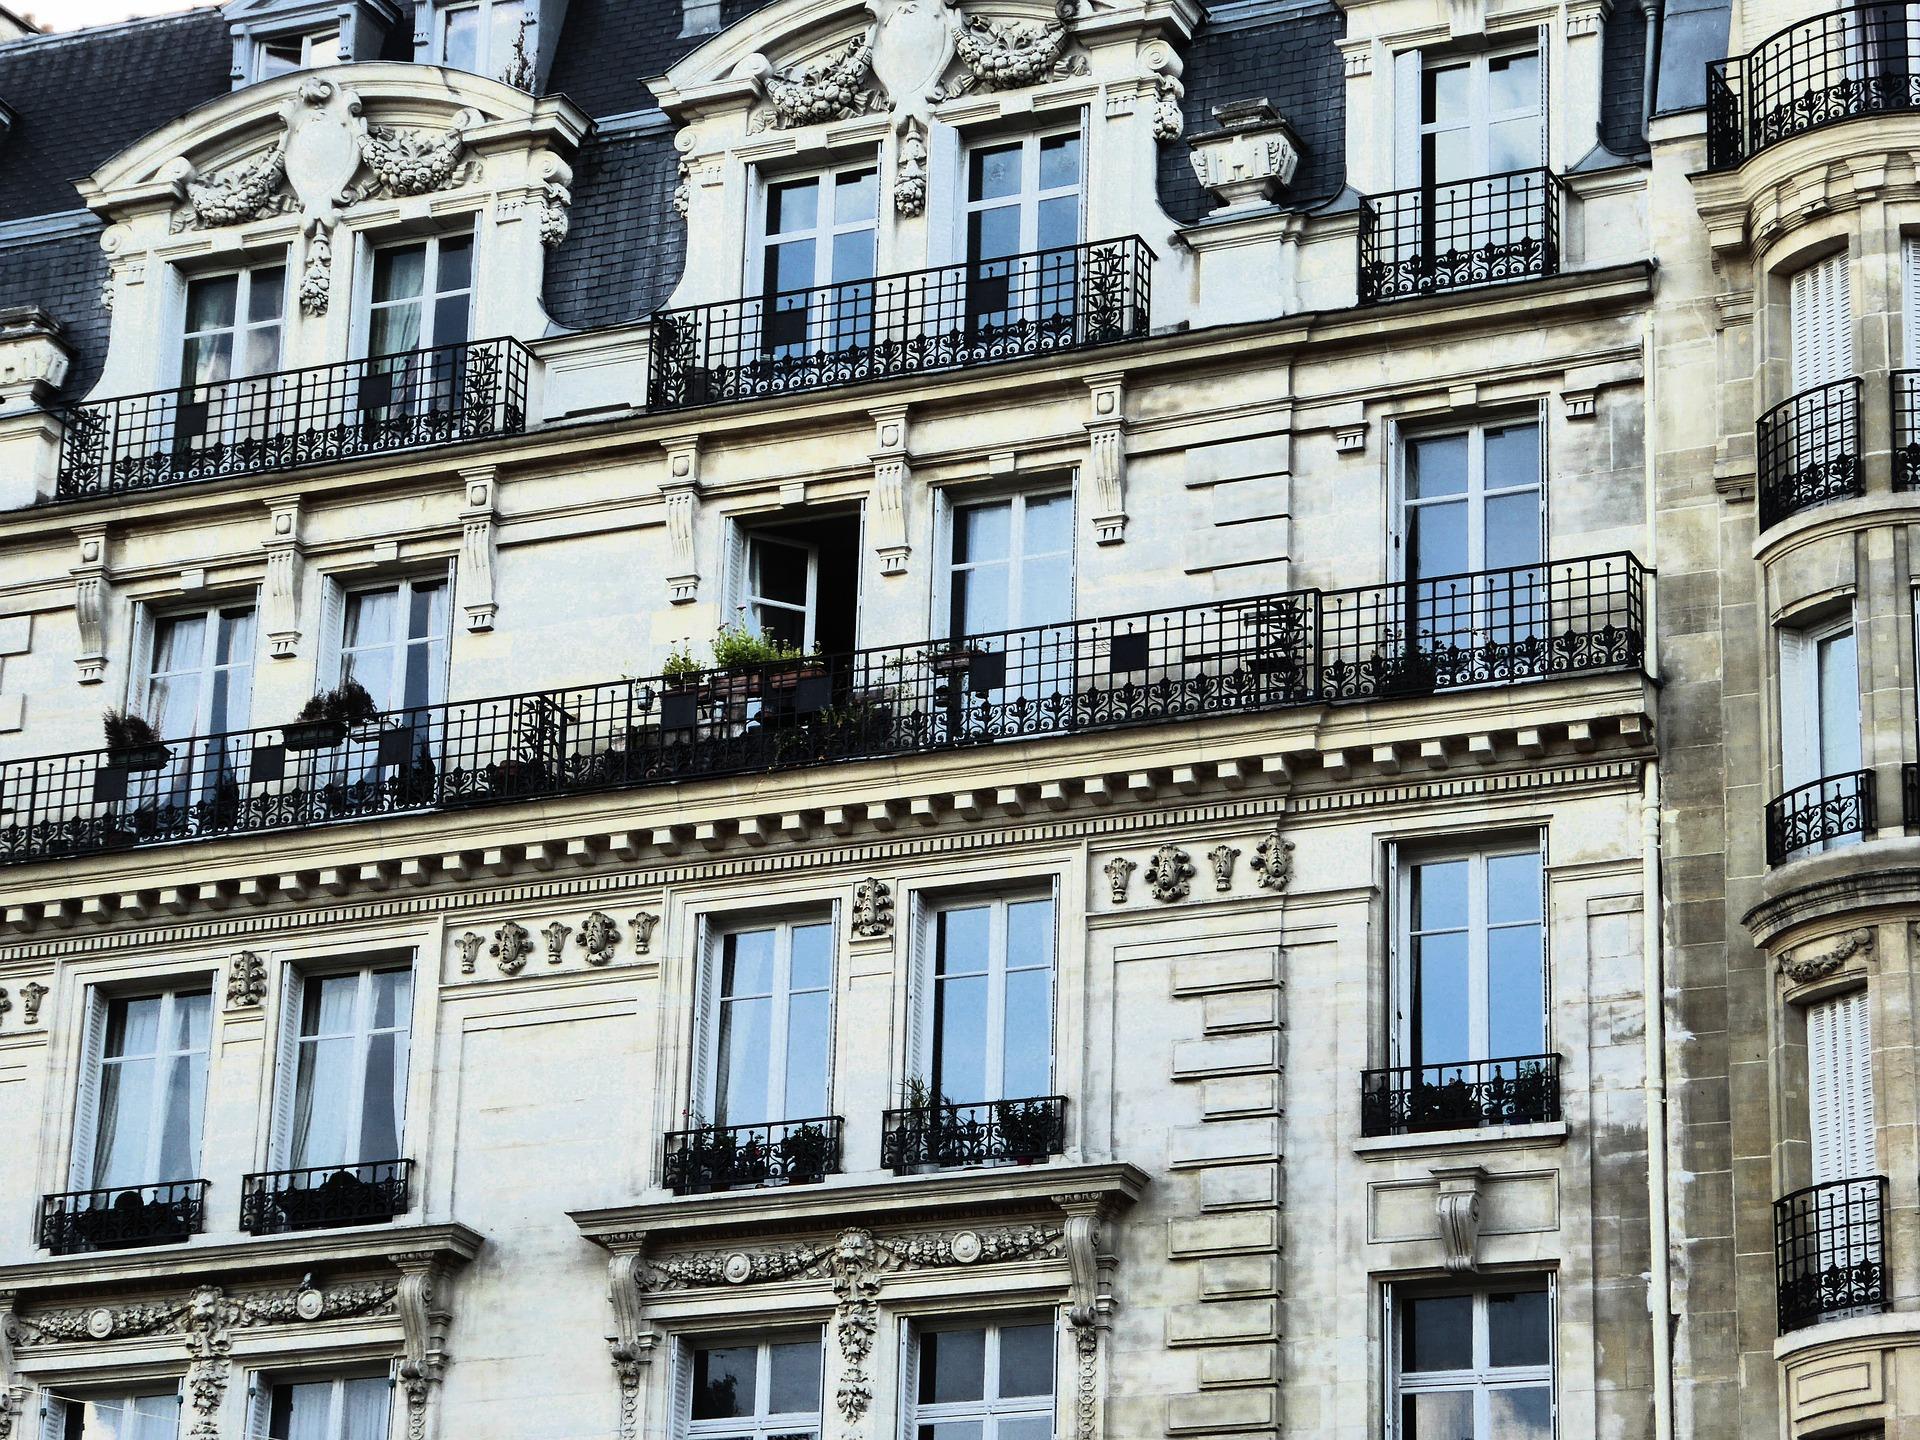 Immobilier:comment le Covid a dynamisé les marchés oubliés, en cinq questions